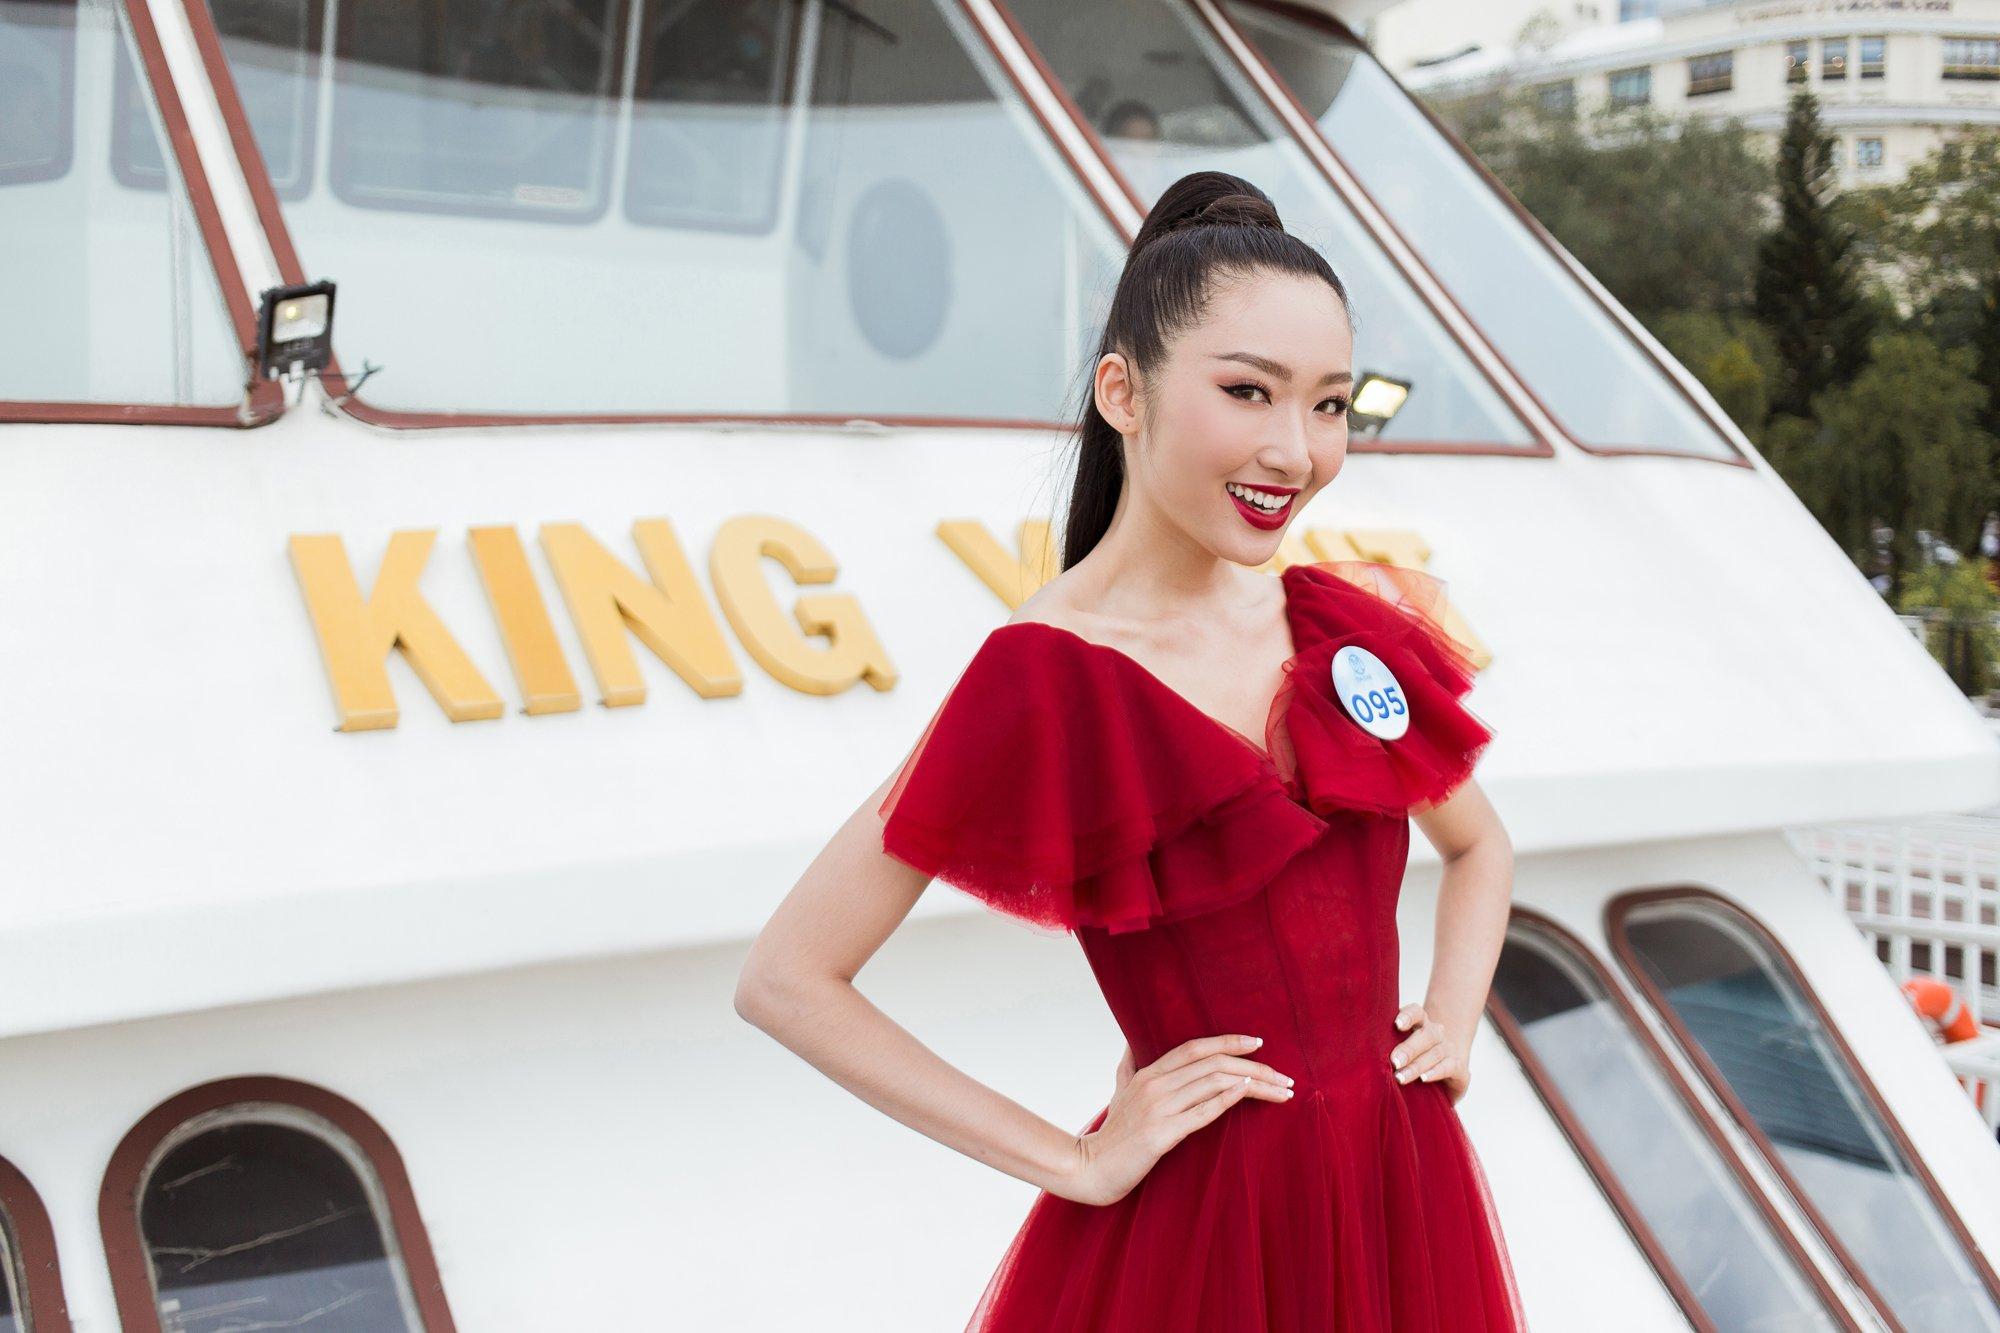 King Yacht Cruise đồng hành cùng Miss World Việt Nam 2019 - 6